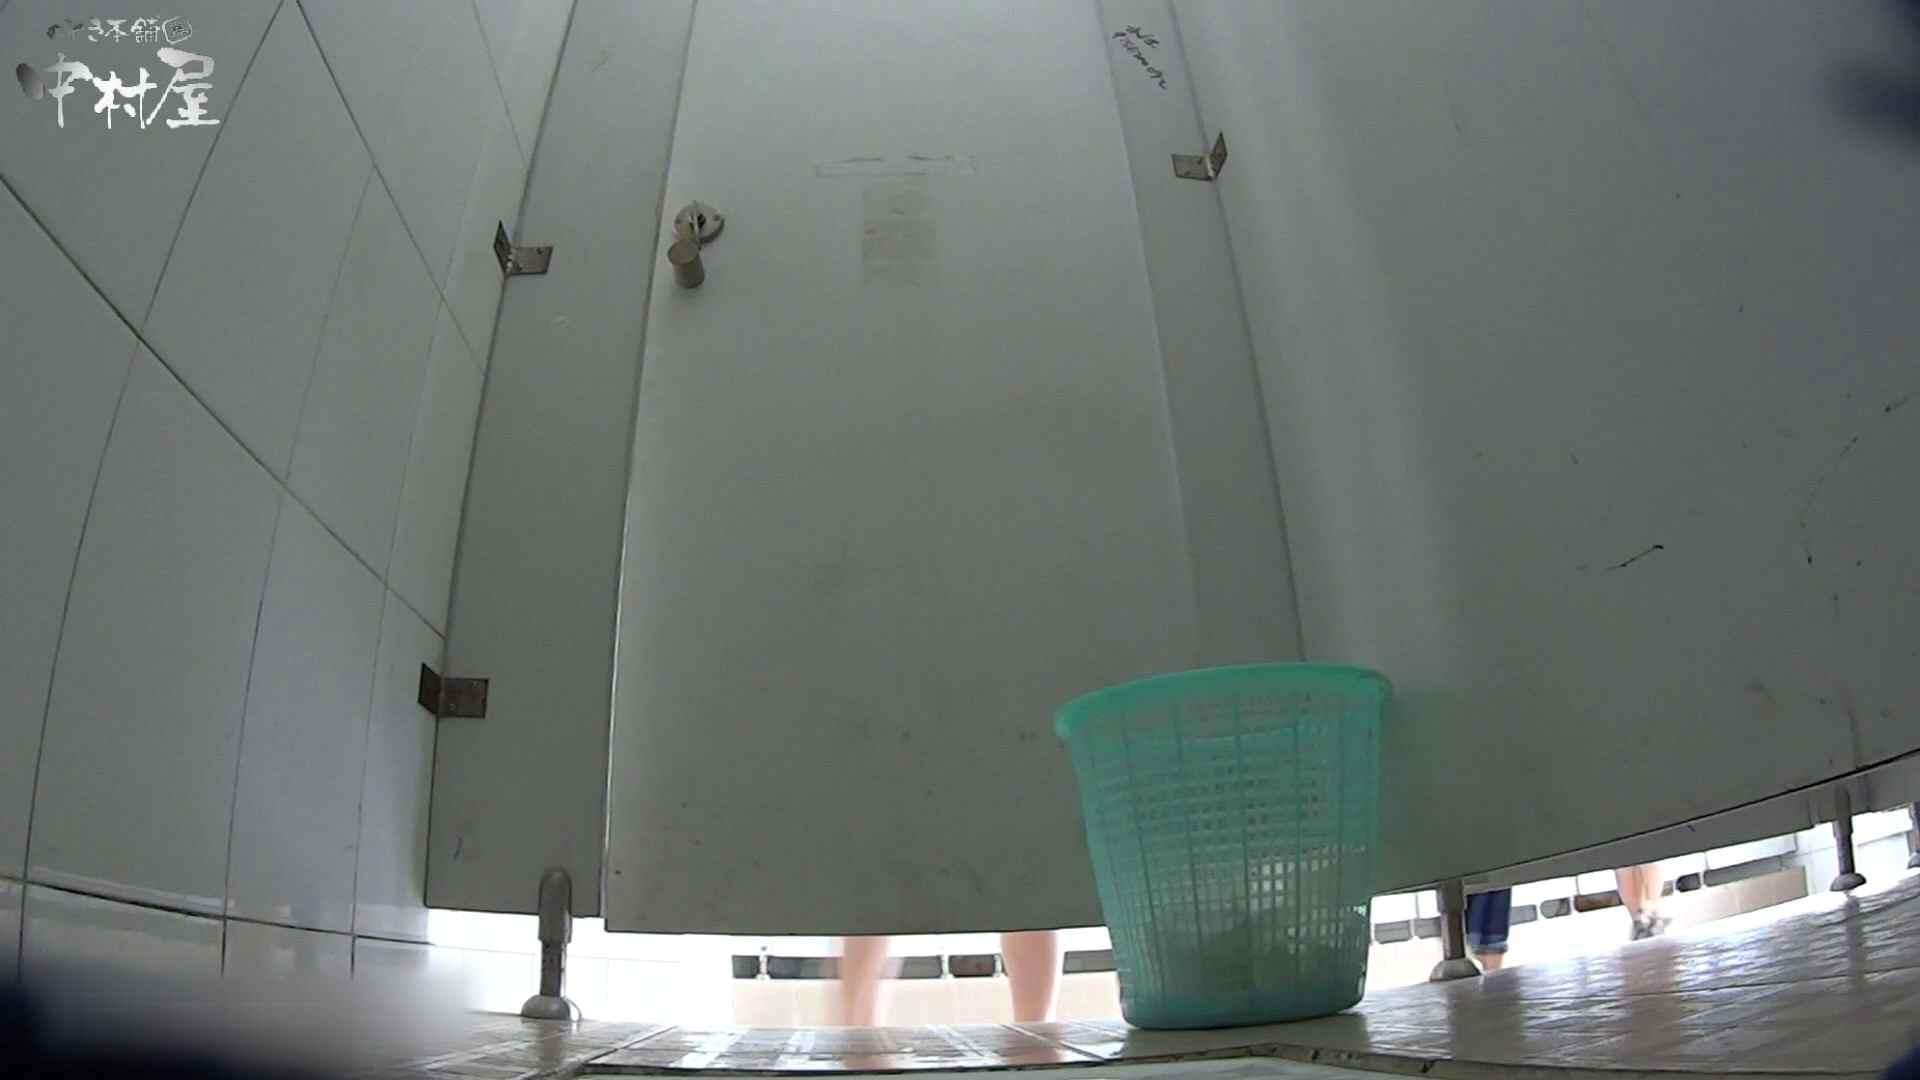 美しい女良たちのトイレ事情 有名大学休憩時間の洗面所事情06 洗面所 隠し撮りオマンコ動画紹介 110画像 44